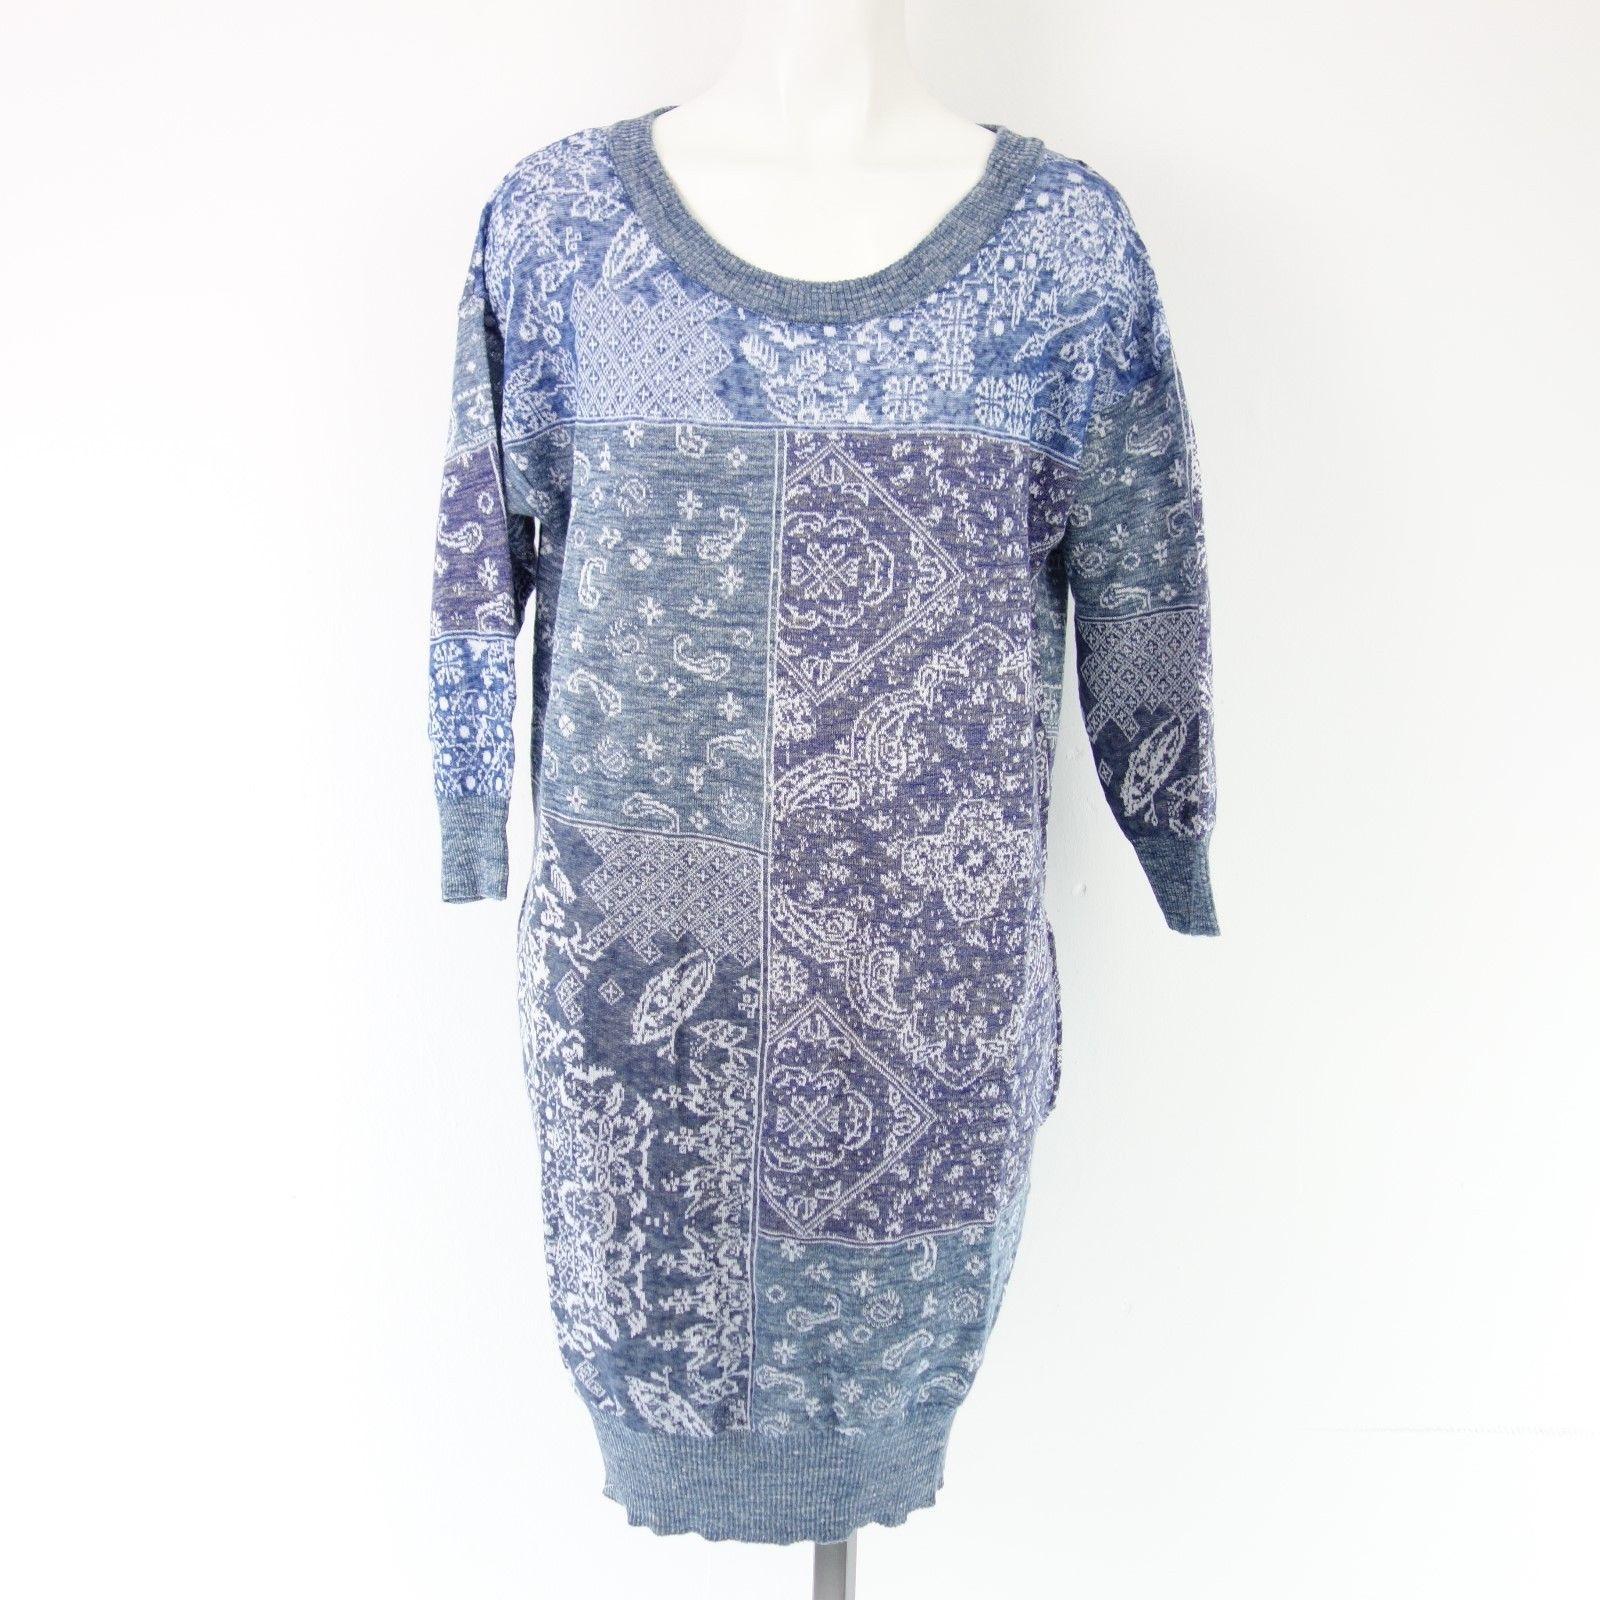 Diesel Damen Kleid M Kerchief Abito Gr 40 L Blau Leinen